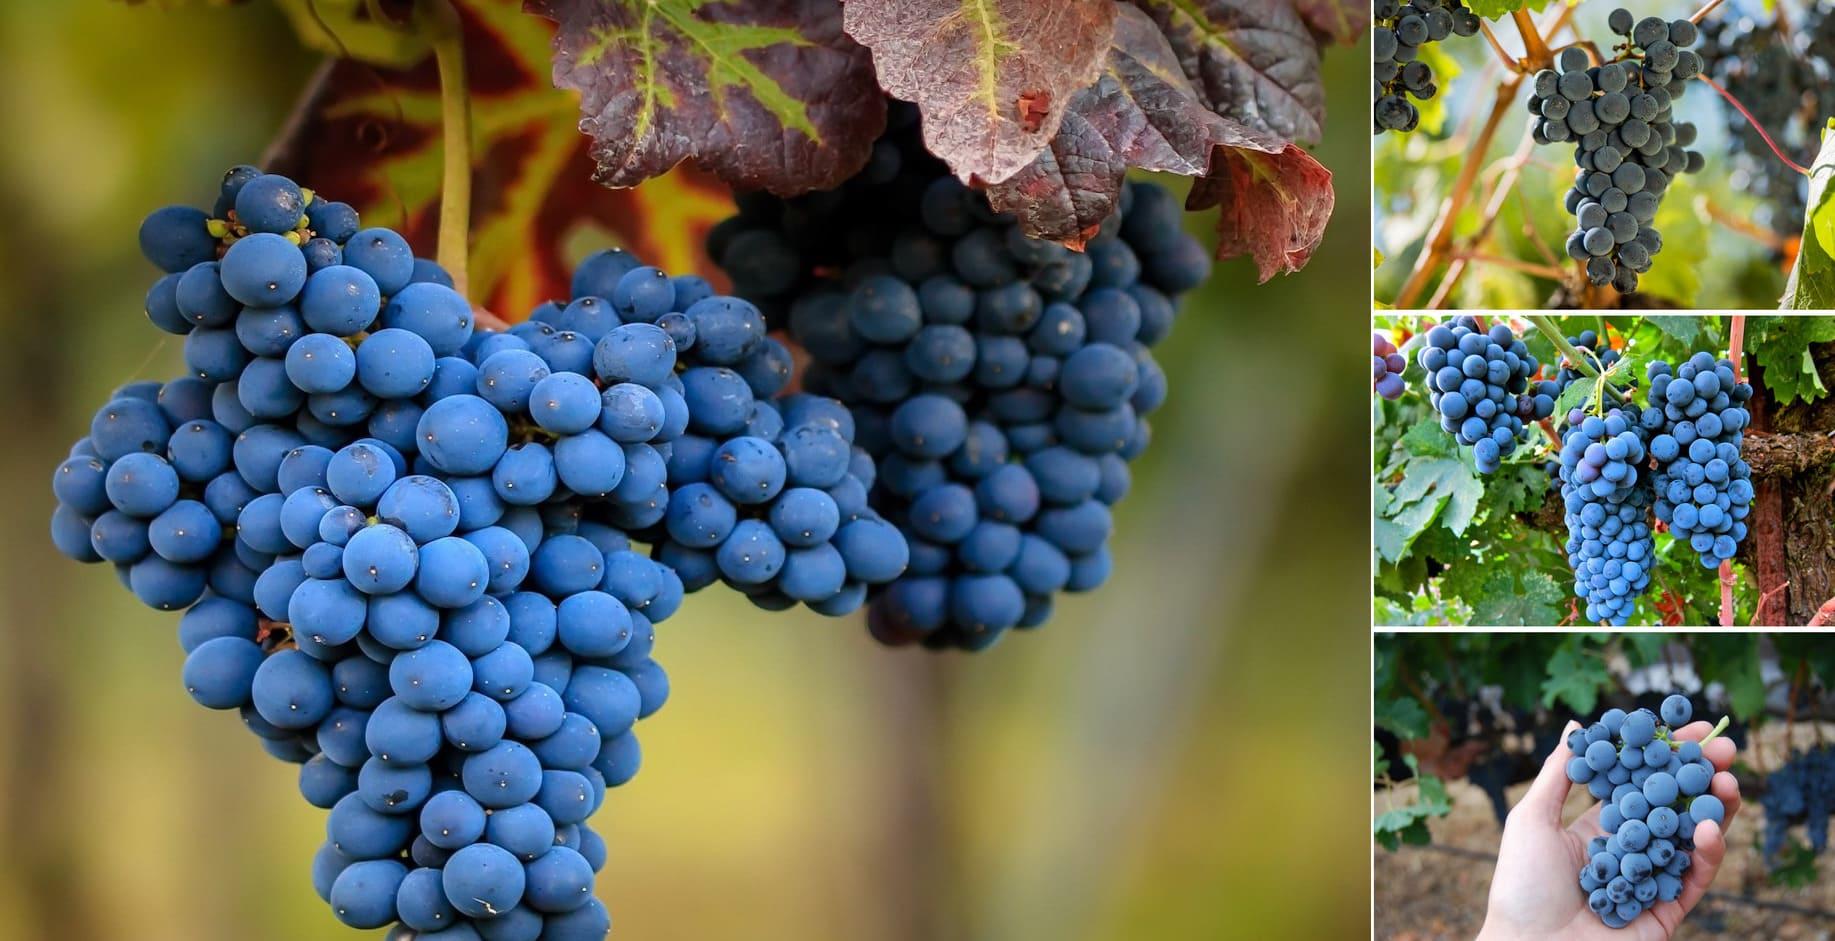 Виноград - растение довольно прихотливое, требующее особого ухода круглый год